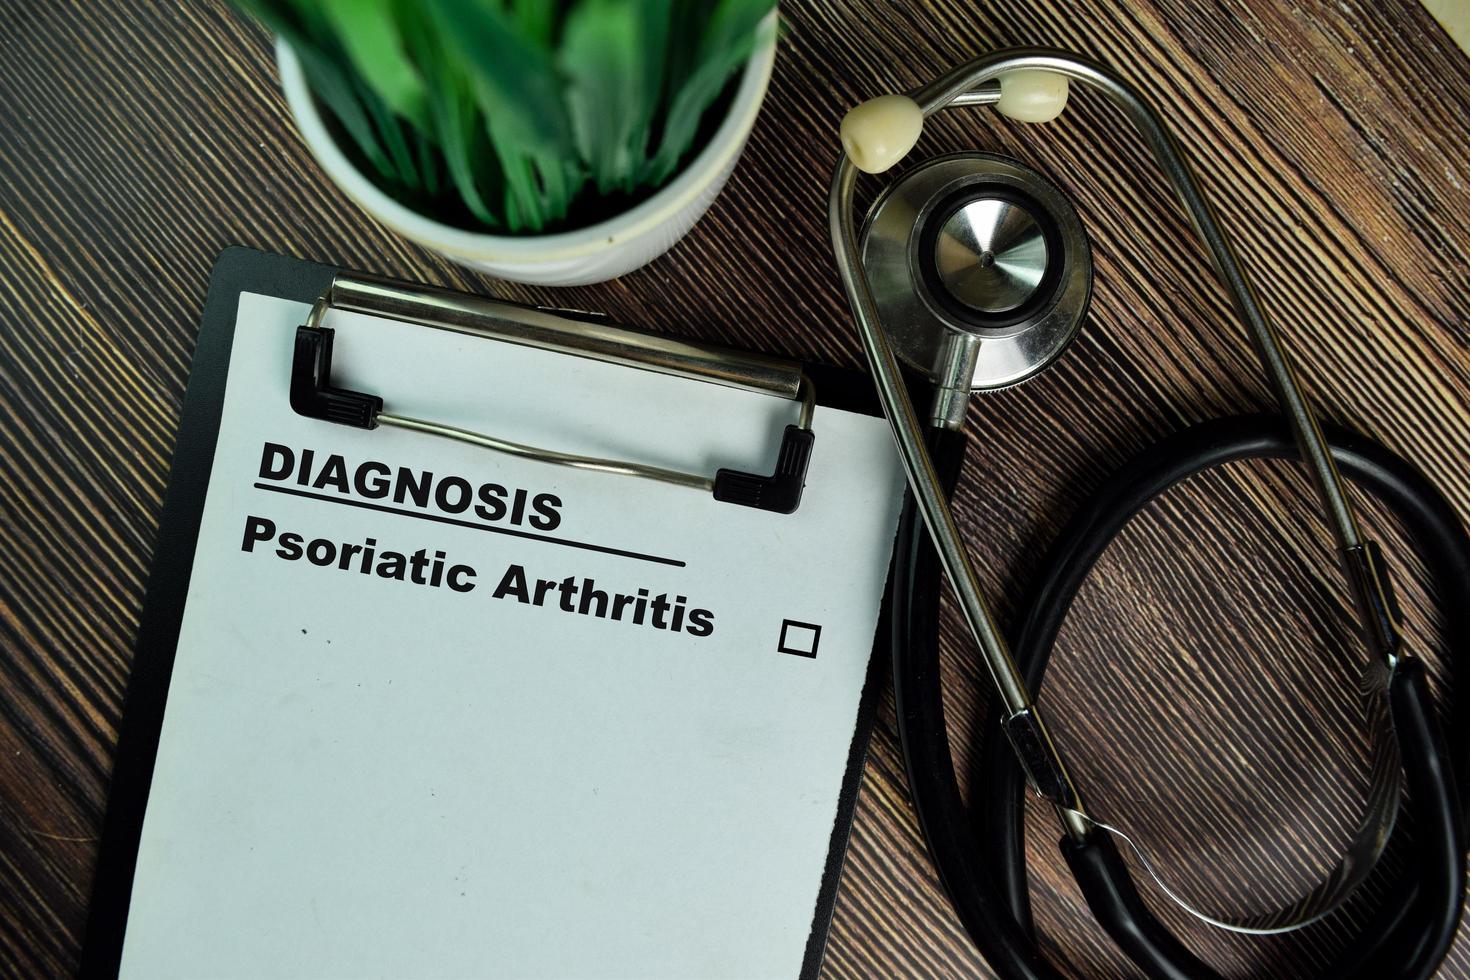 diagnose - artritis psoriatica geschreven op papierwerk geïsoleerd op een houten tafel foto